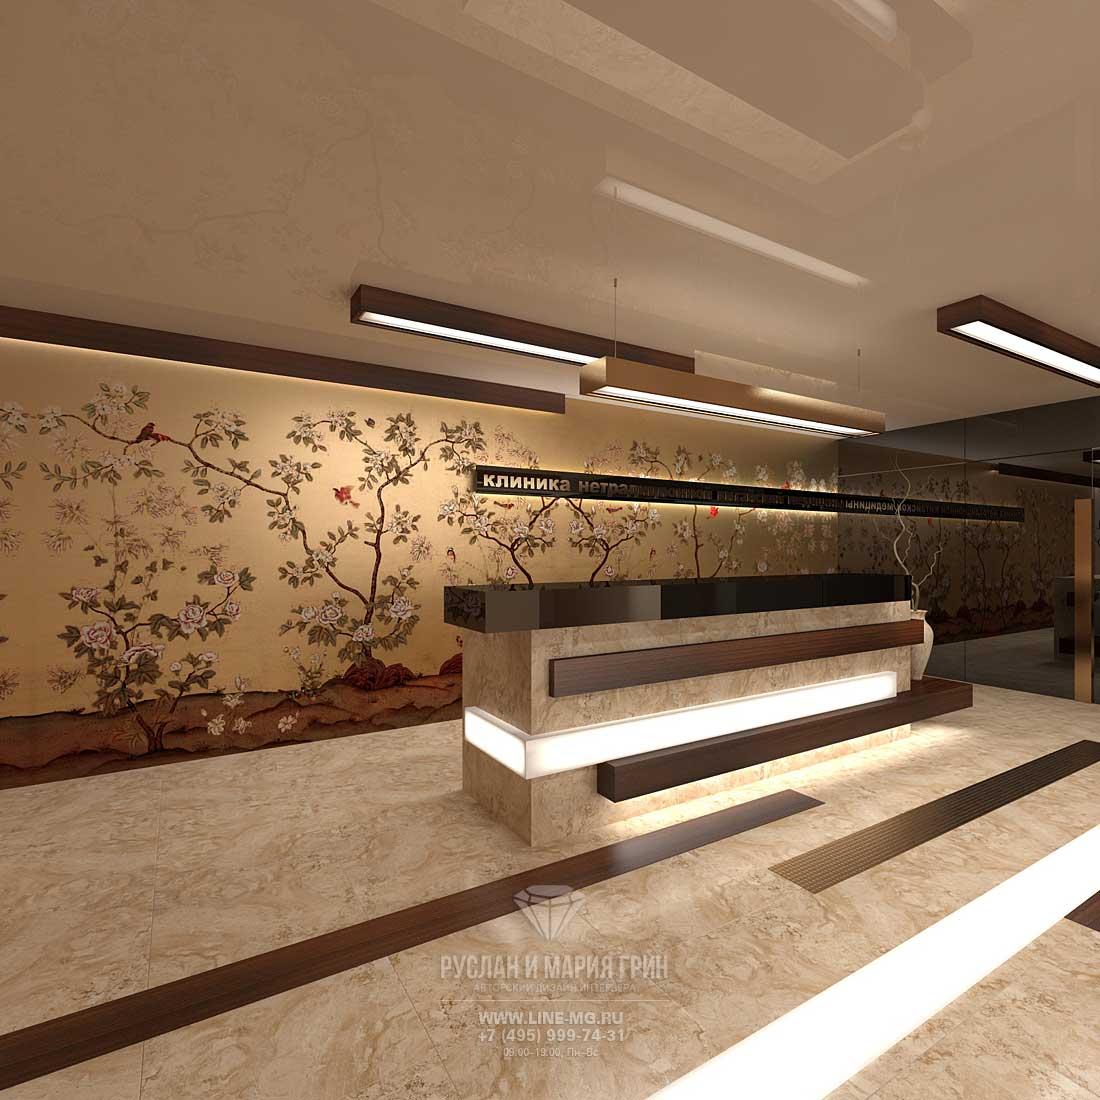 Современная идея дизайна клиники китайской медицины. Фото 2015